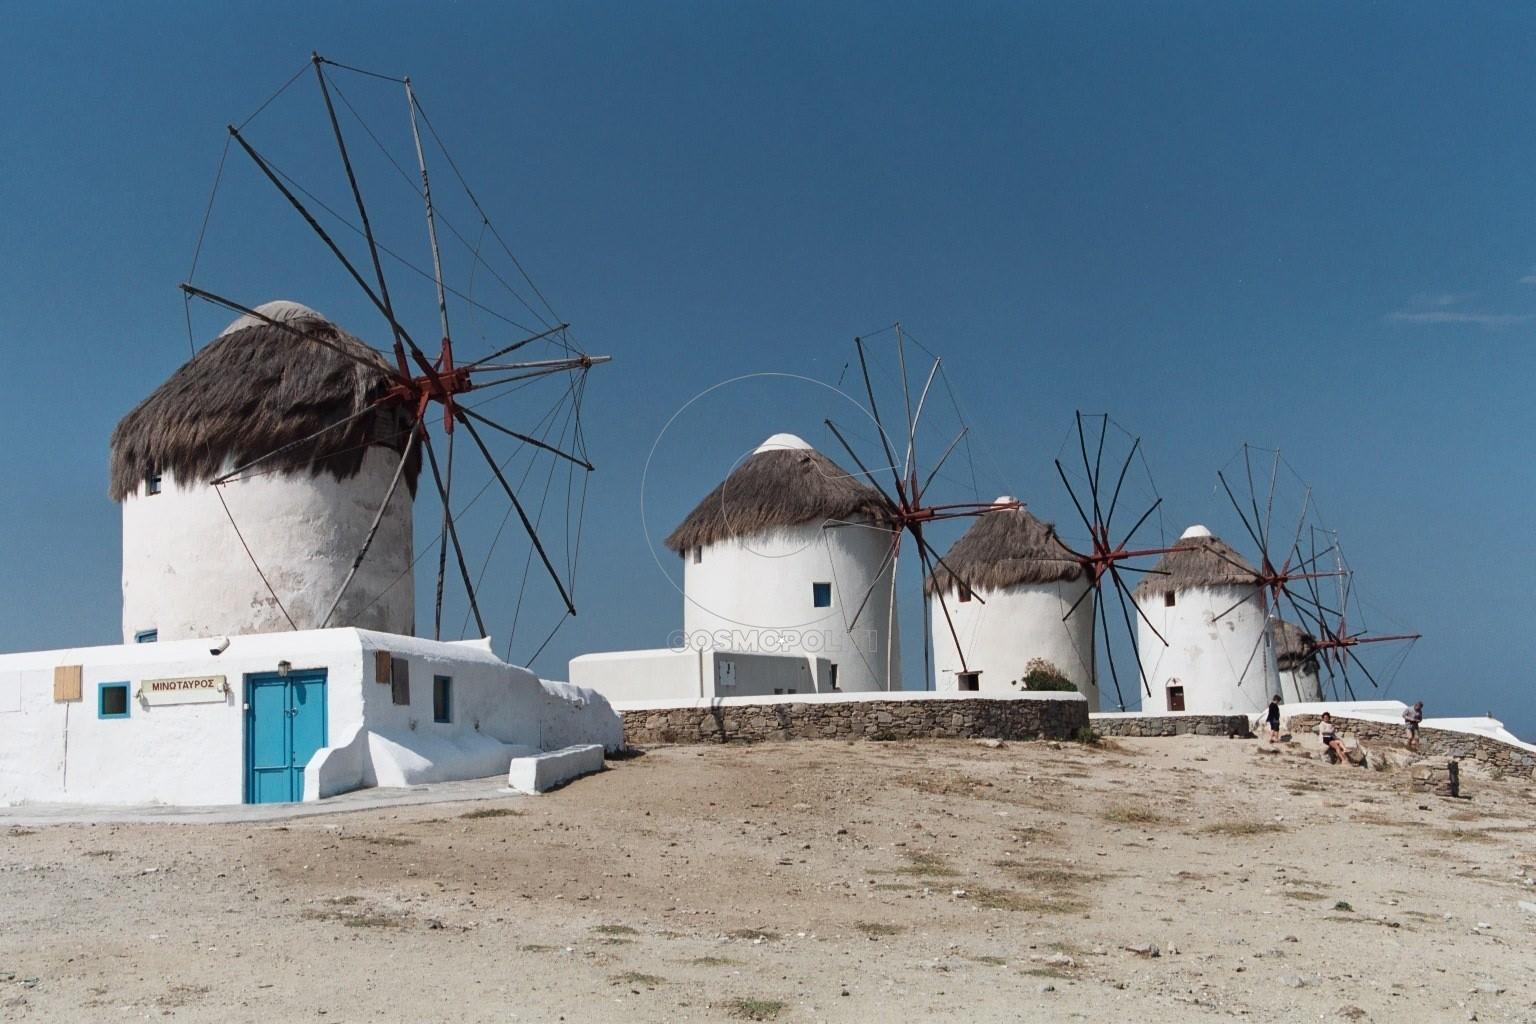 Mykonos-greek-islands-15723572-1536-1024